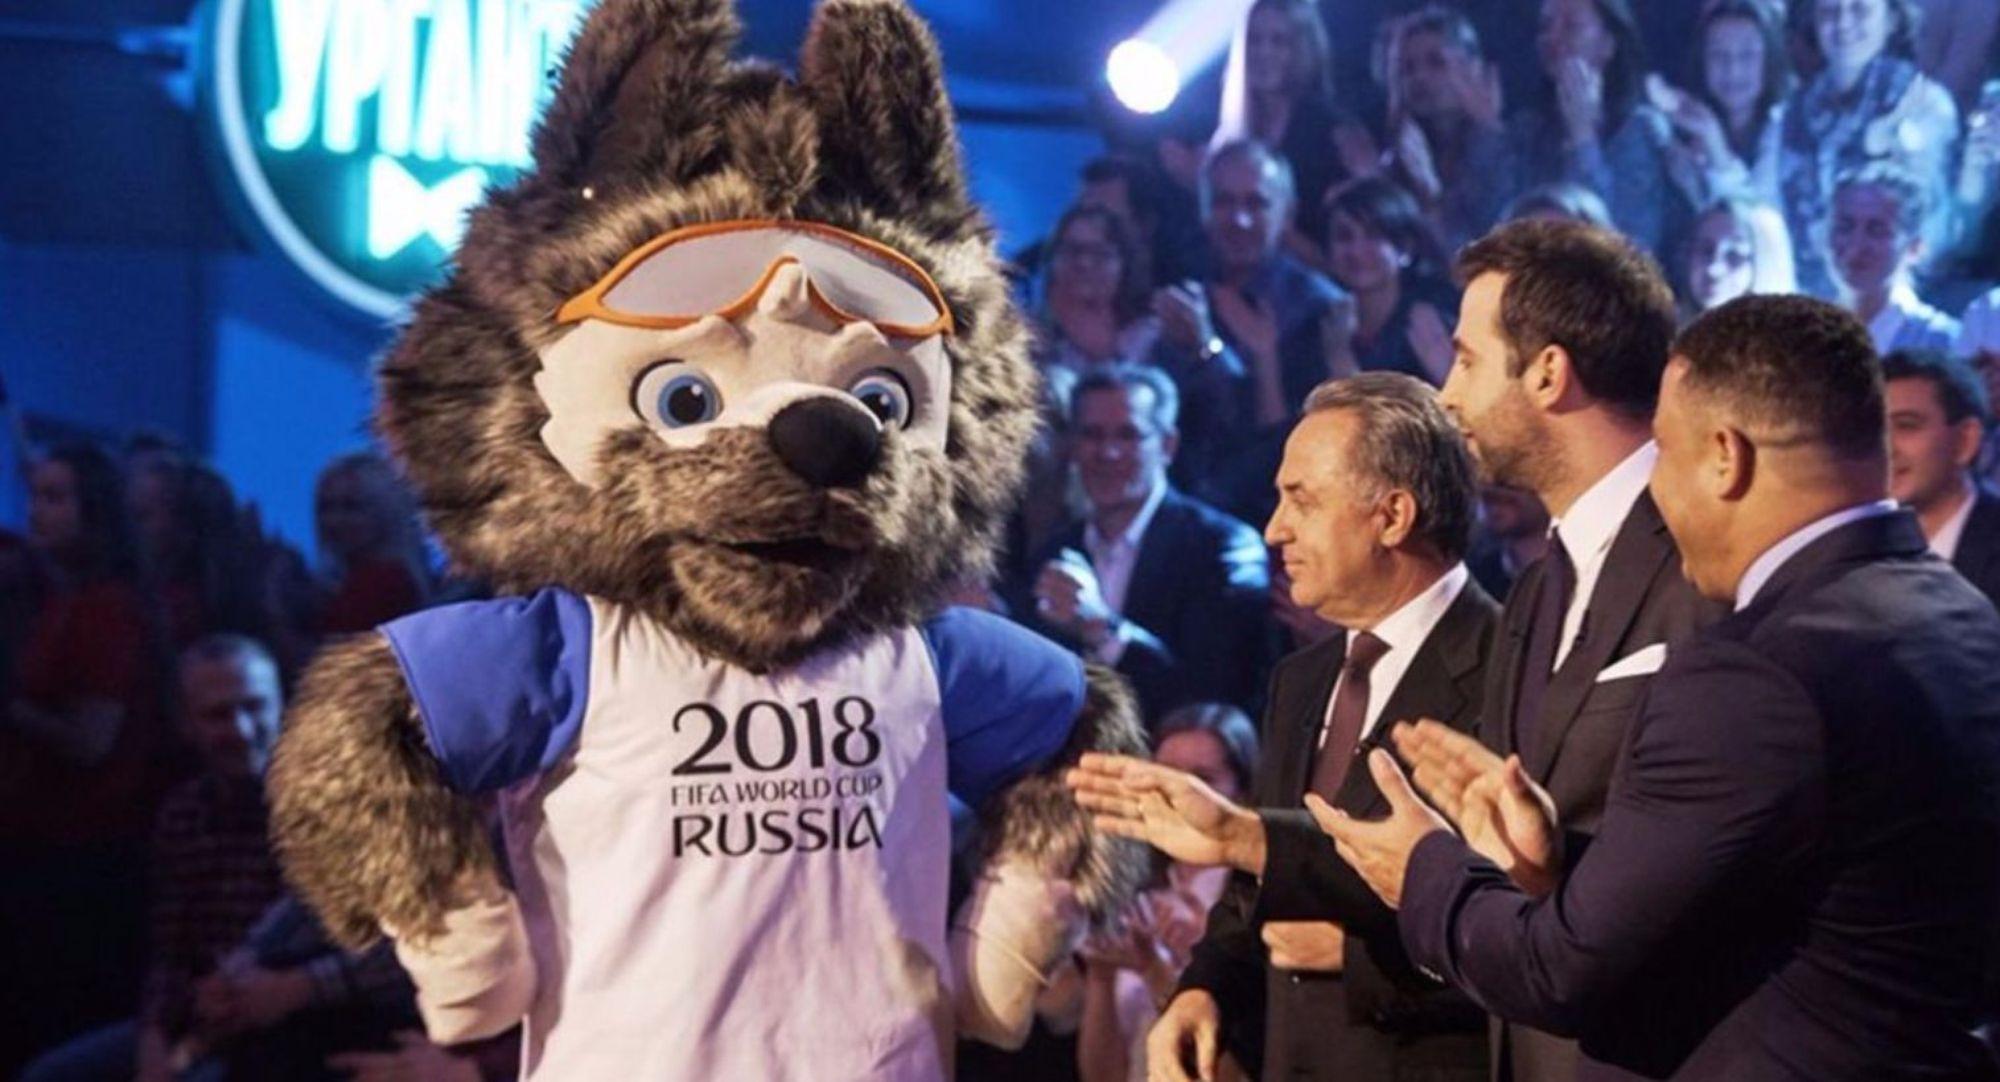 Для английских фанатов создали памятку кЧМ-2018 пофутболу в РФ